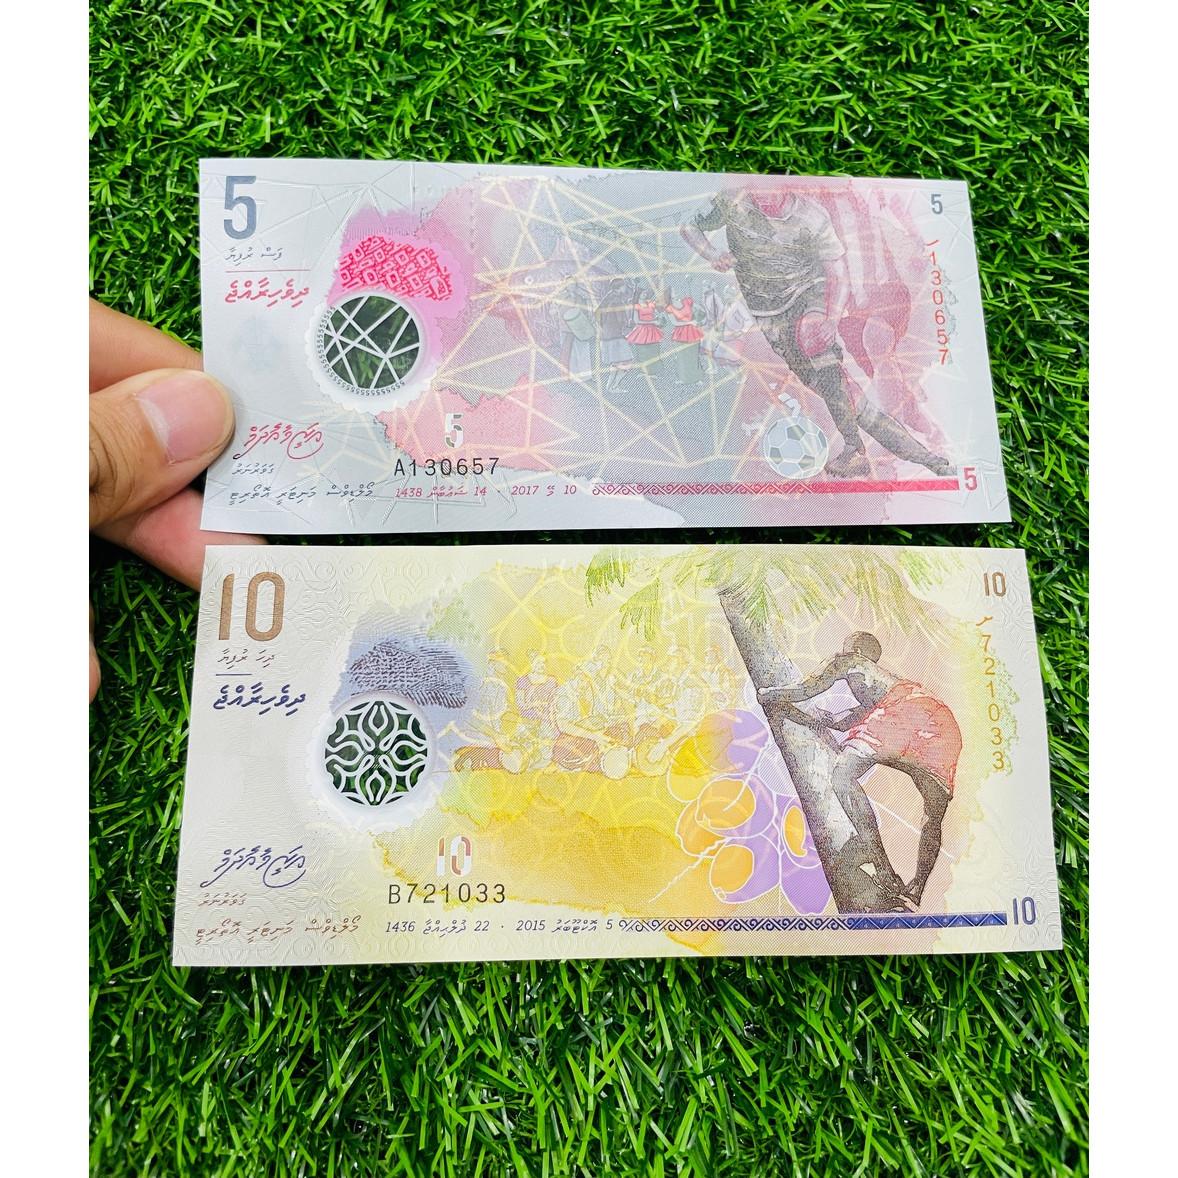 Cặp 2 tờ tiền Maldives 5 10 Rufiyaa, bằng polyme, đất nước thiên đường du lịch, mới 100% UNC, tặng túi nilon bảo quản The Merrick Mint